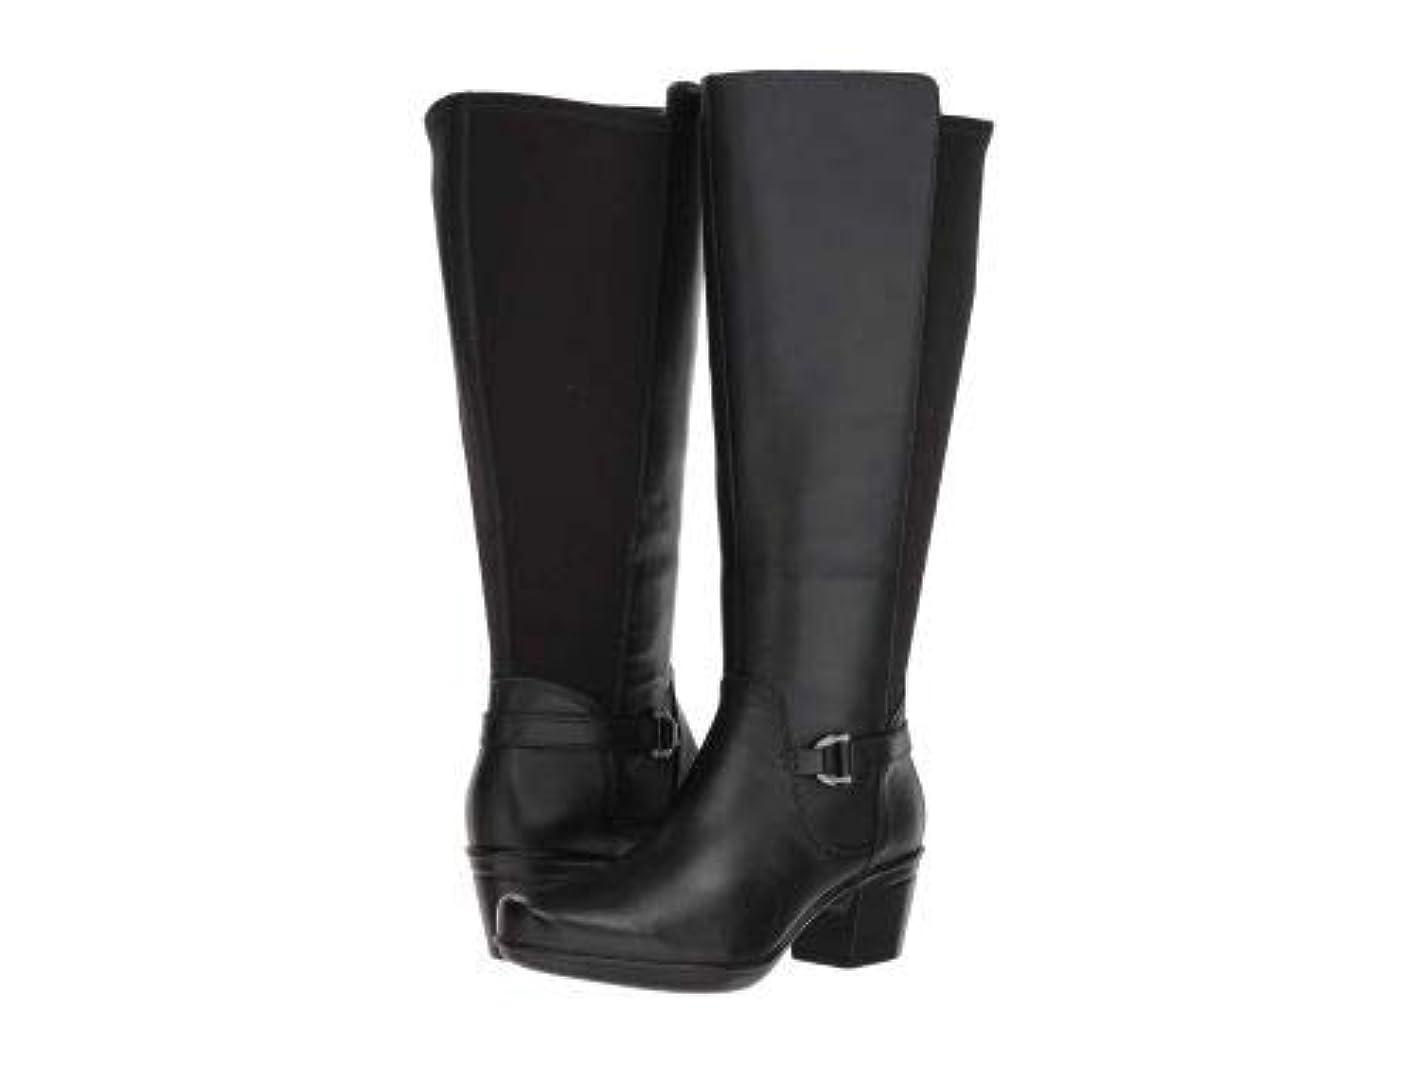 動開発する失態Clarks(クラークス) レディース 女性用 シューズ 靴 ブーツ ロングブーツ Emslie March Wide Calf - Black Leather [並行輸入品]